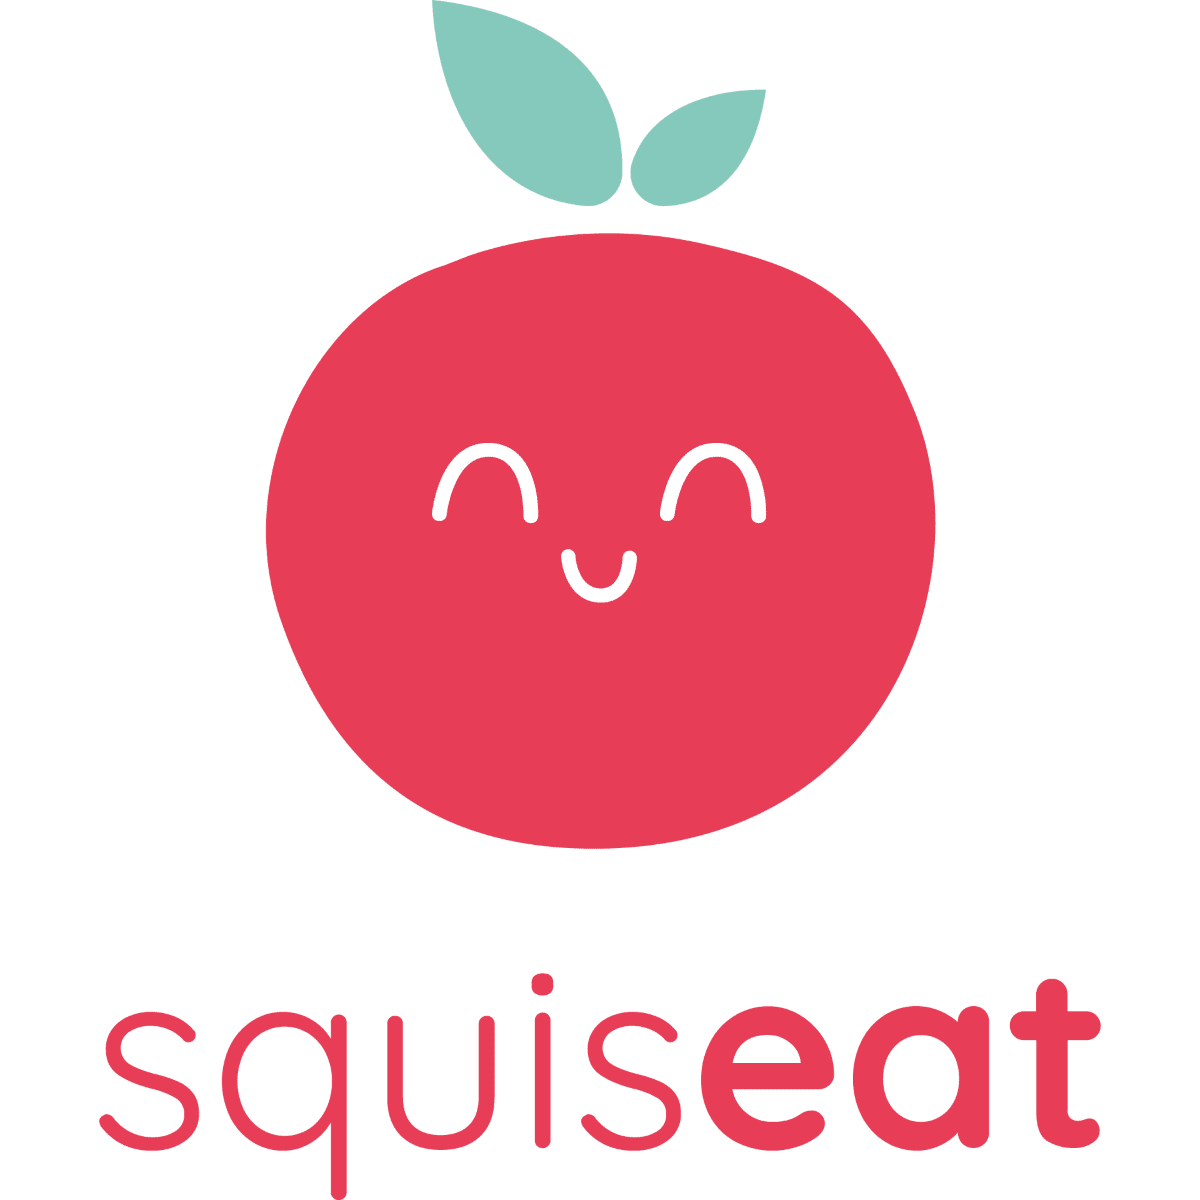 Squiseat